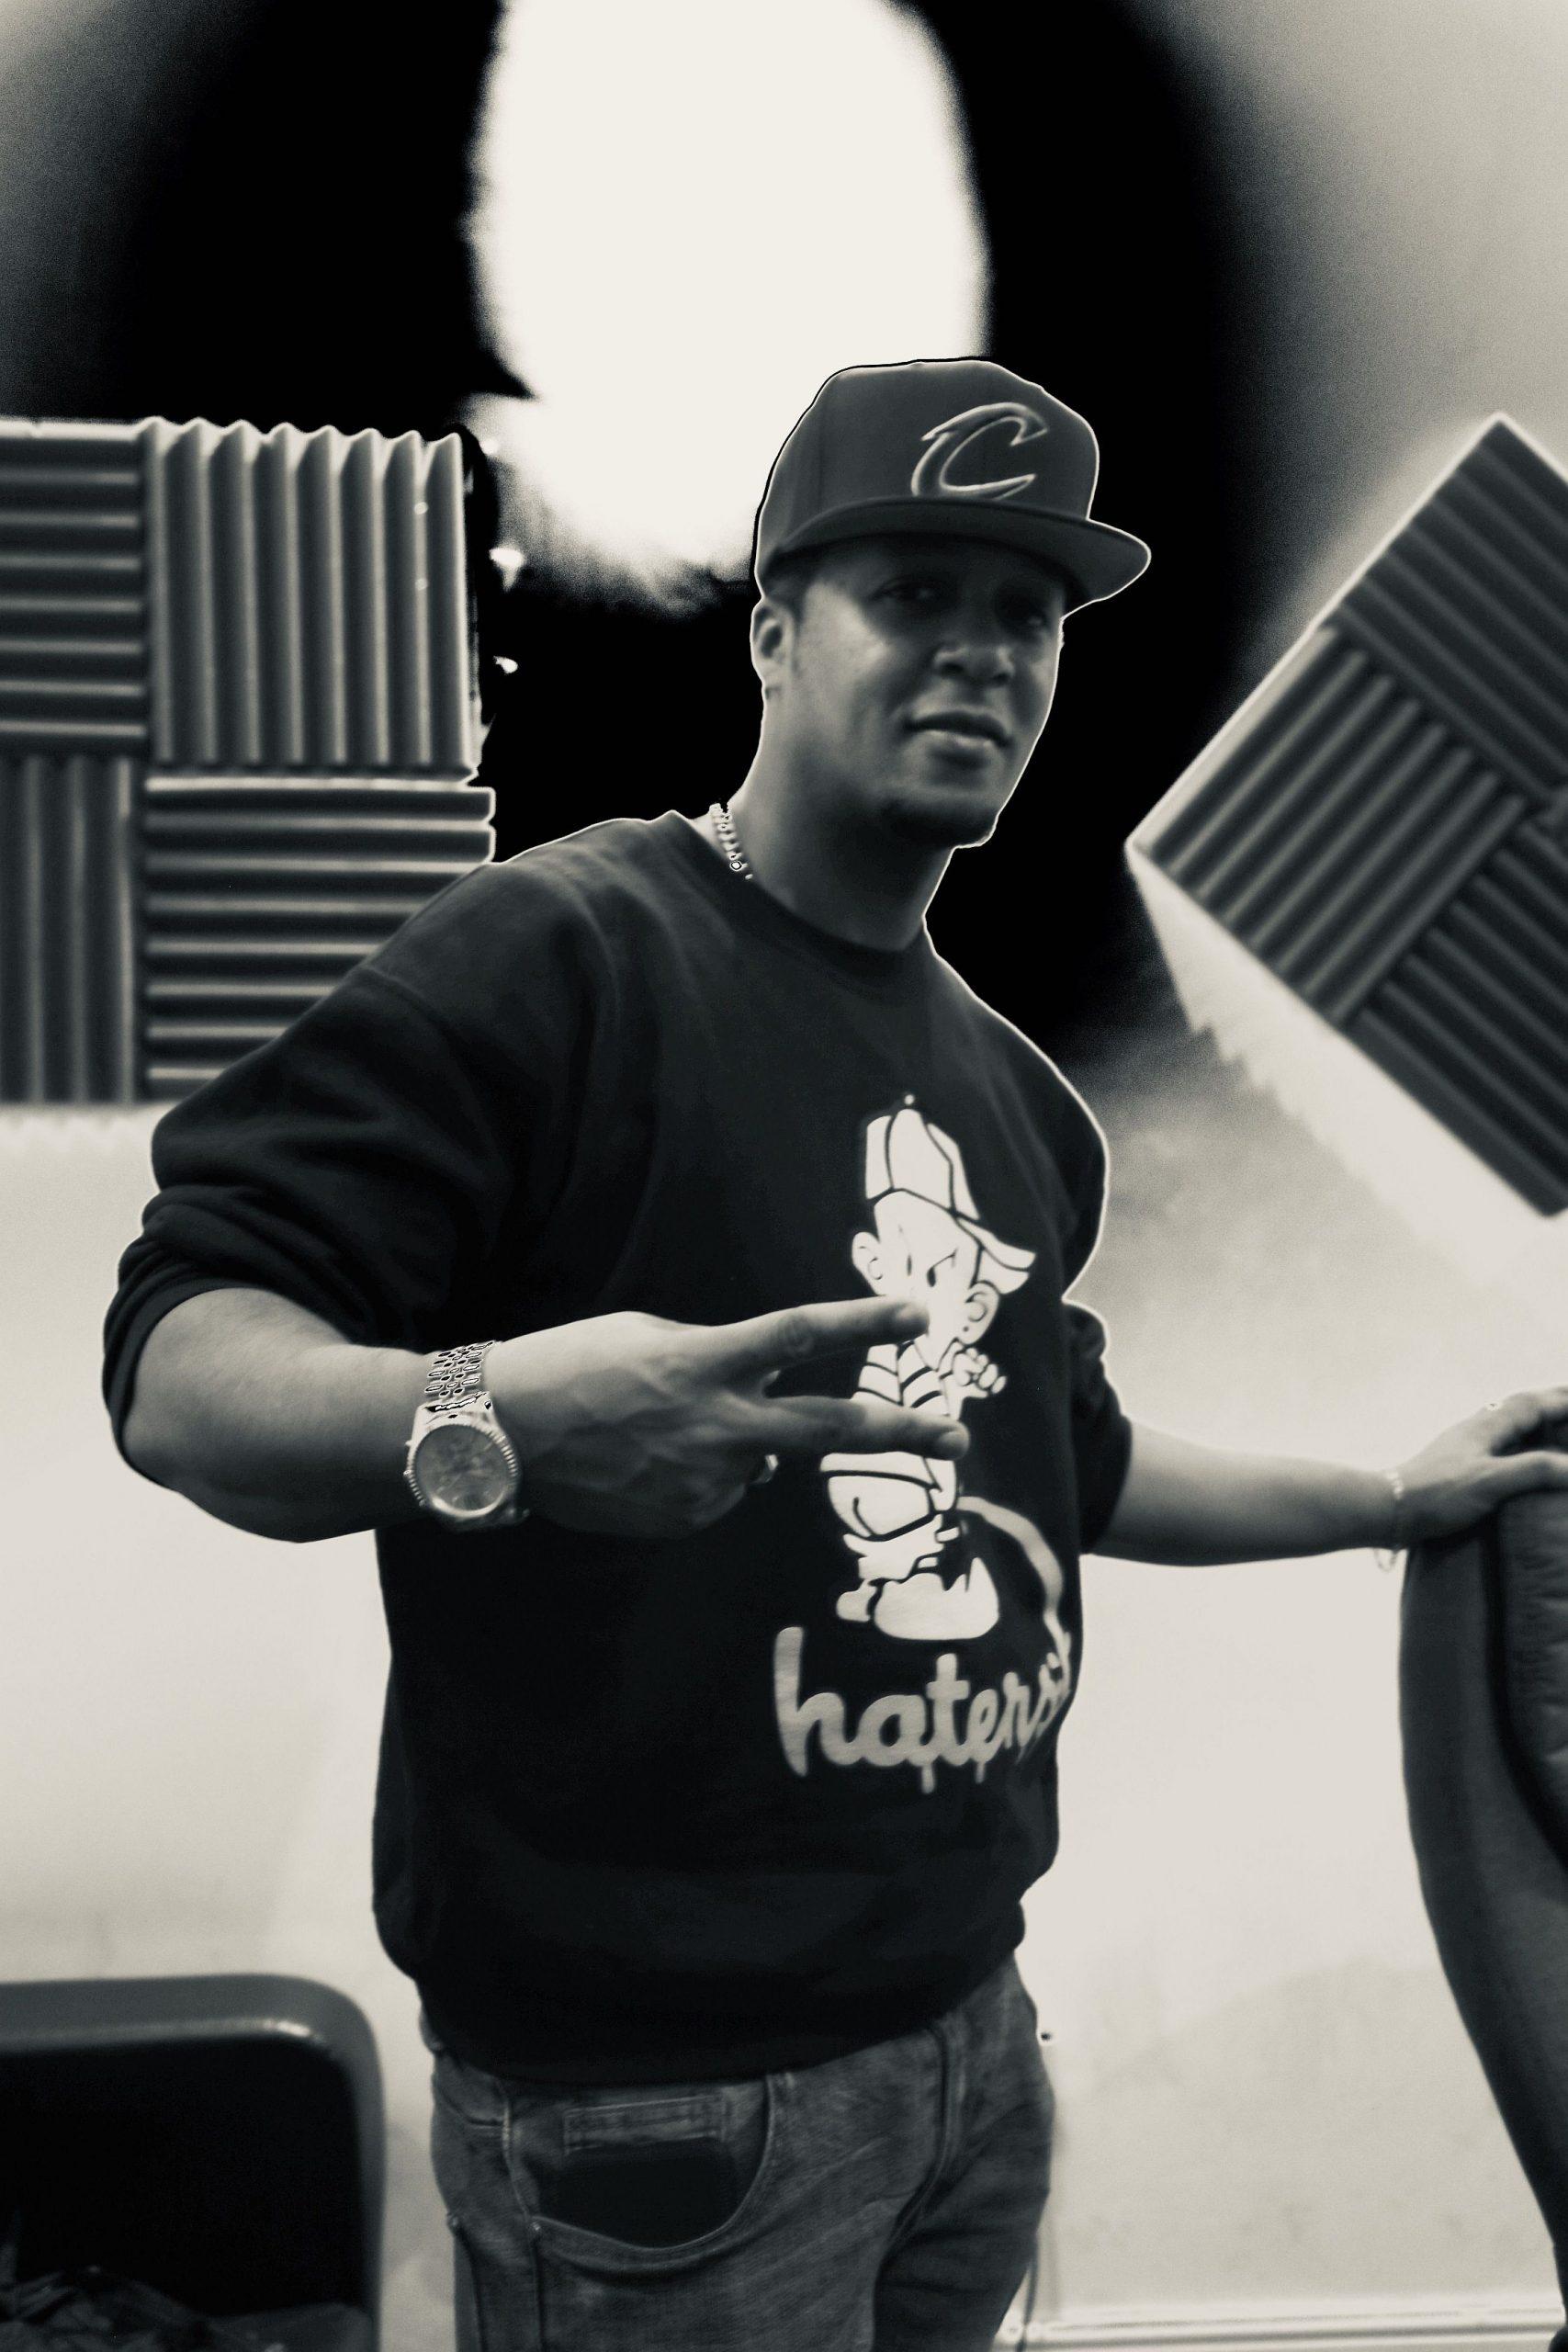 Rhyme Poetik brings fresh songs, albums, music videos